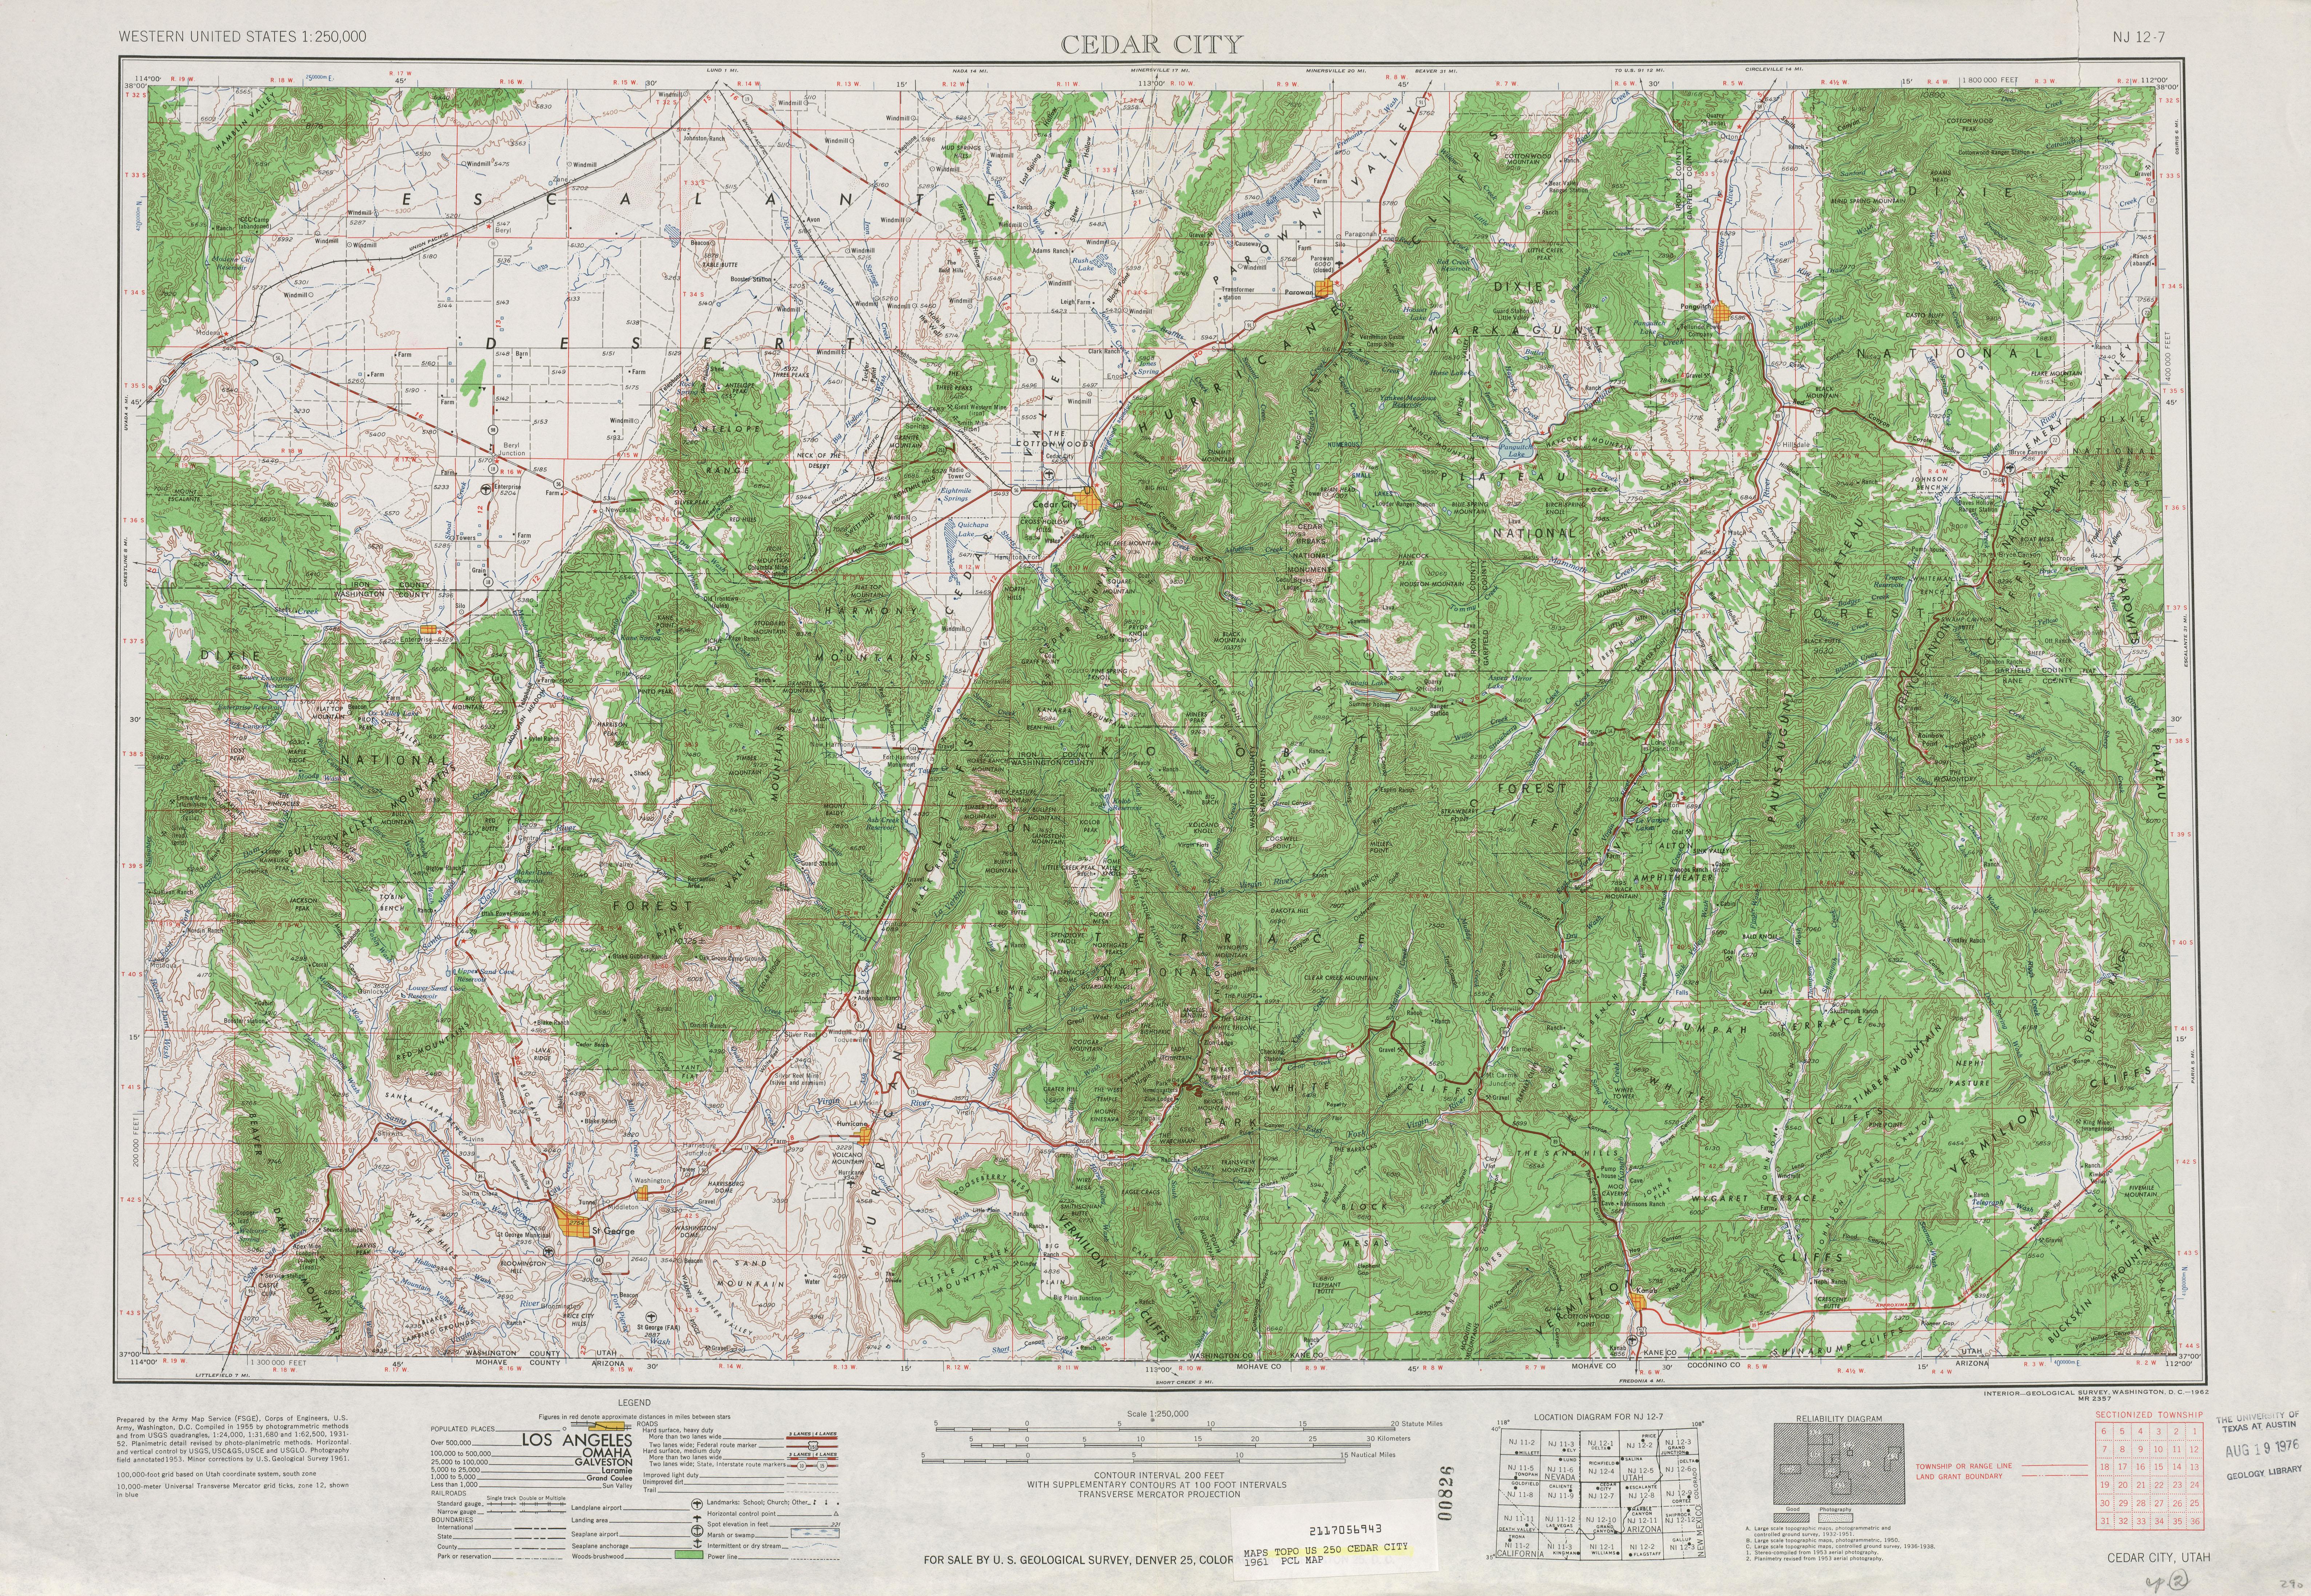 Hoja Cedar City del Mapa Topográfico de los Estados Unidos 1961